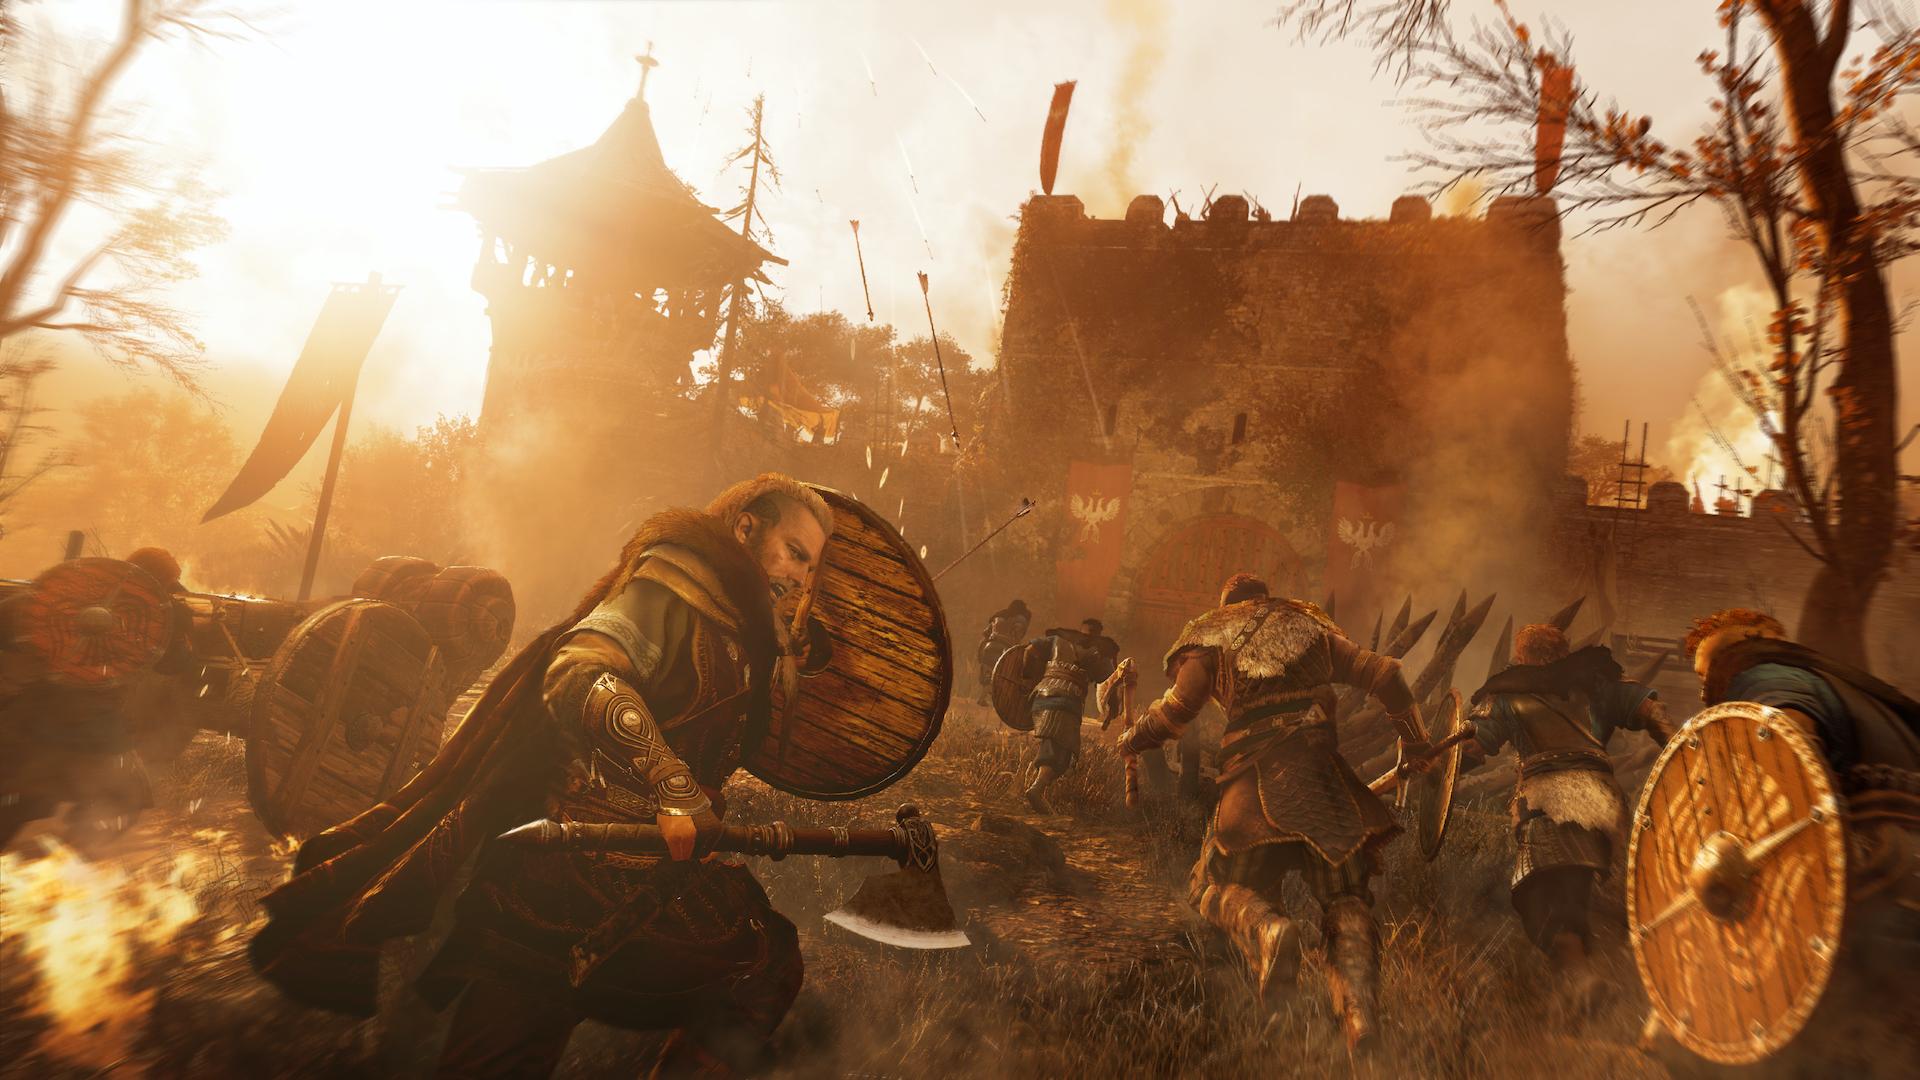 نسخه PC بازی Assassin's Creed Valhalla